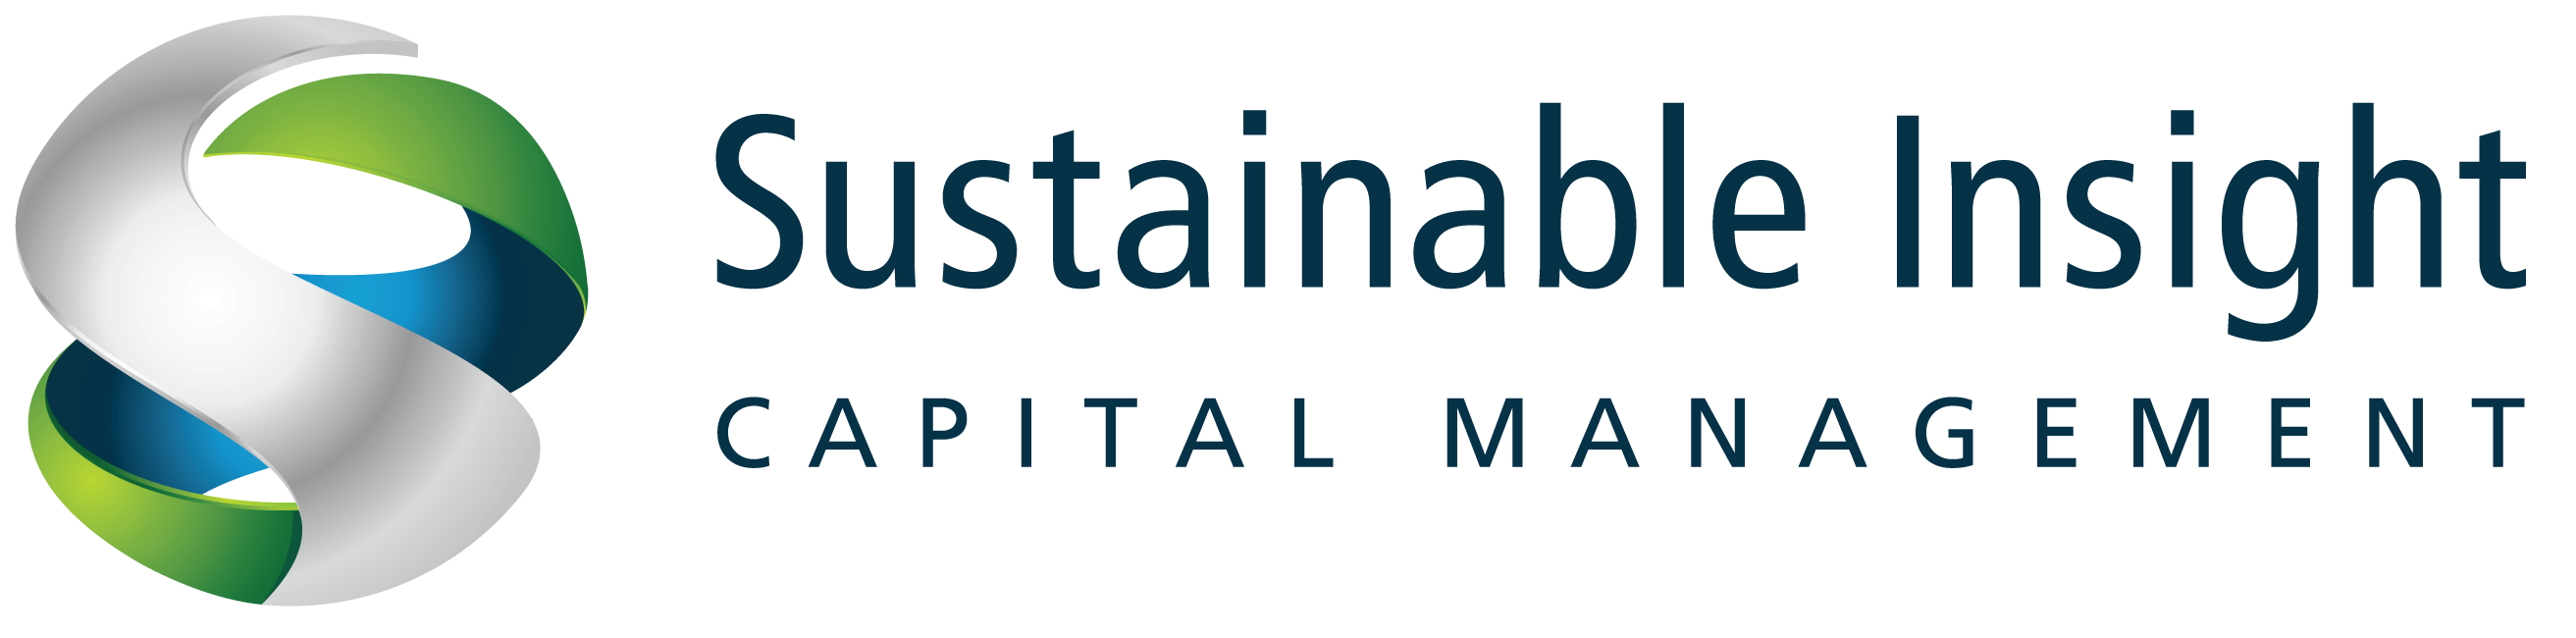 Sustainable Insight Capital Management logo